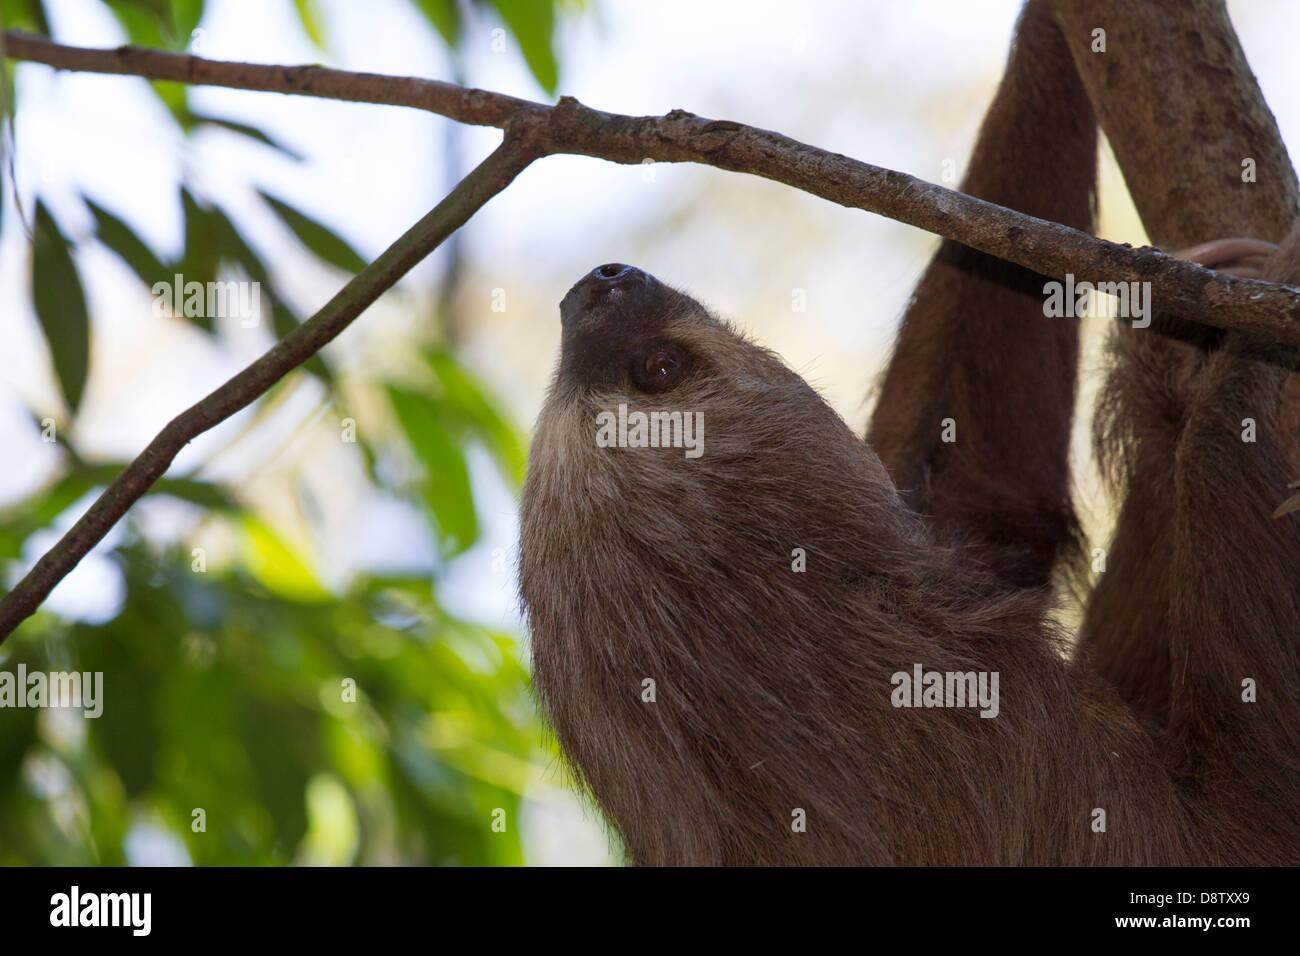 Brown-throated perezoso de tres dedos, Bradypus variegatus, Zoológico de Cali, Cali, Colombia Foto de stock